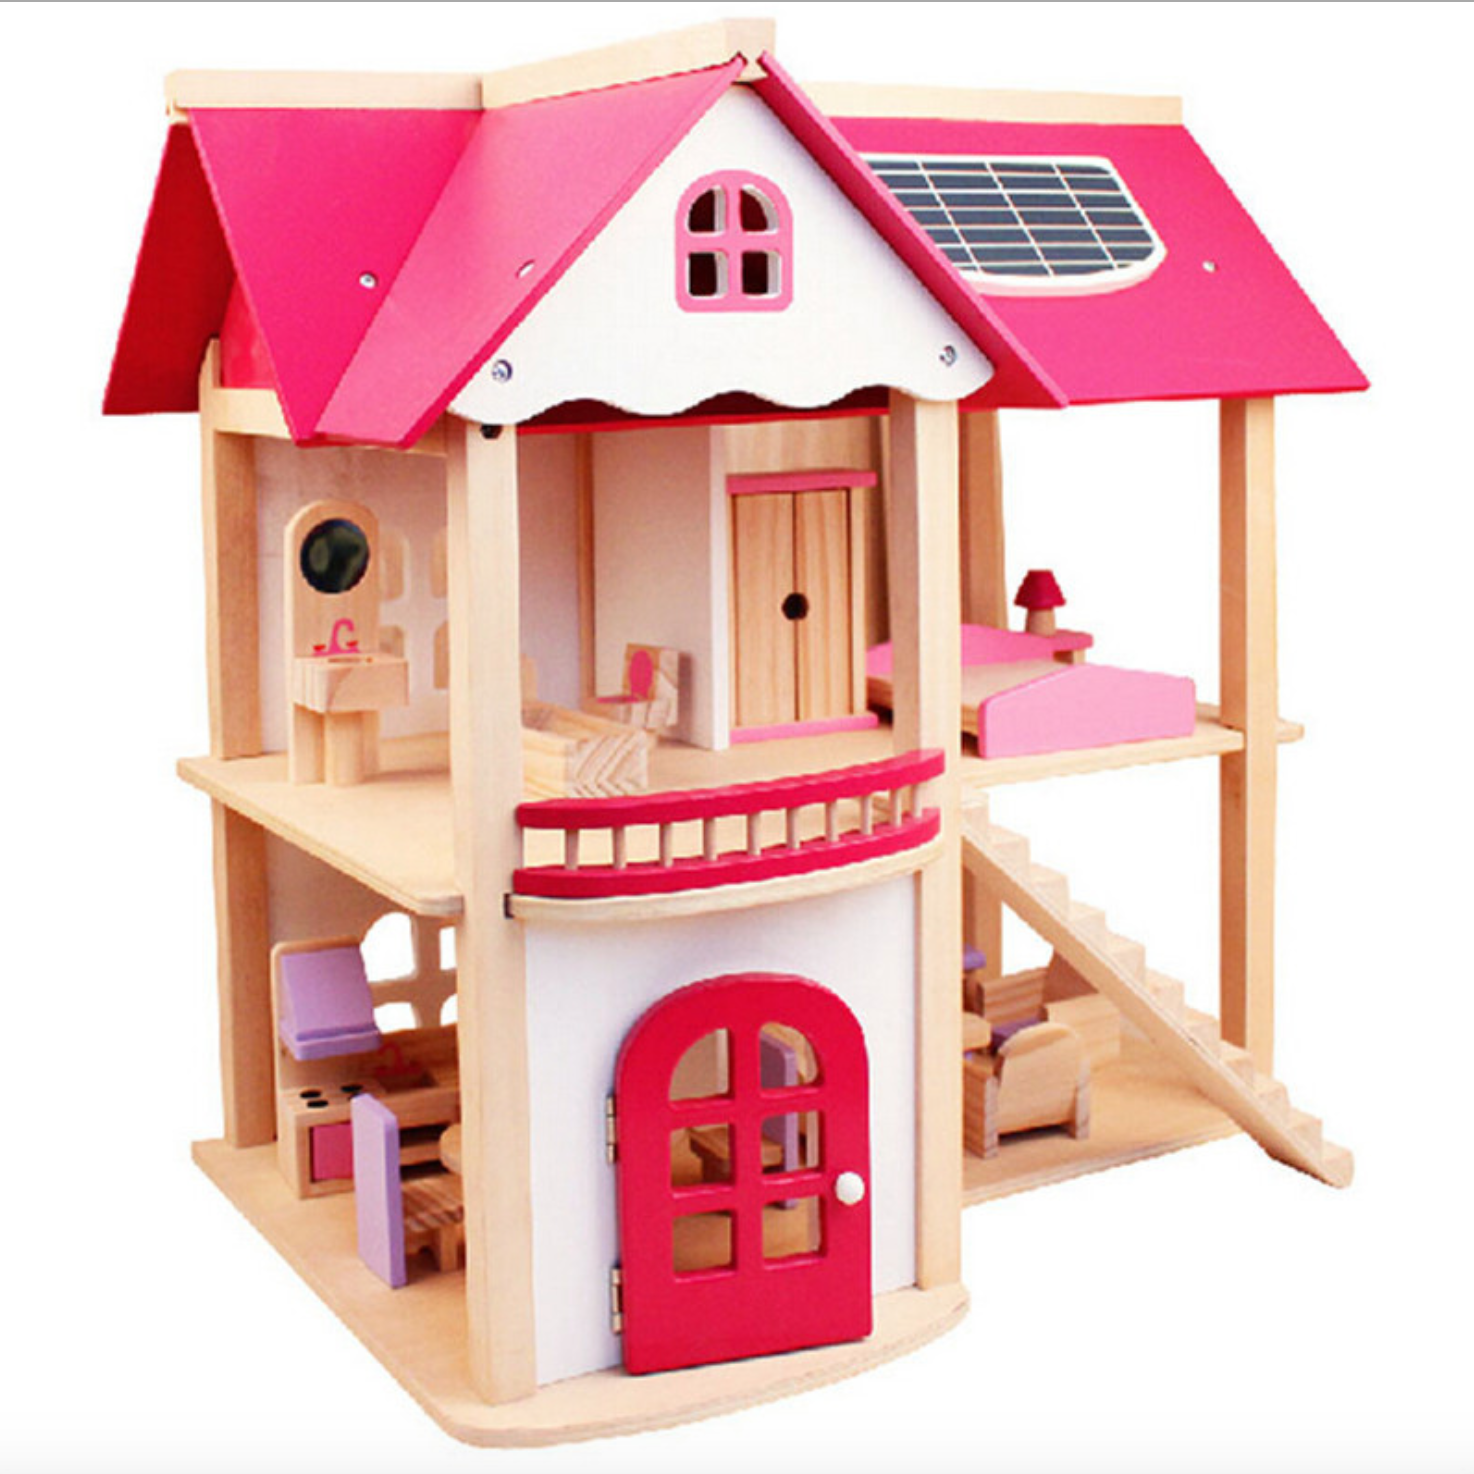 Rumah Boneka Anak, Rumah Boneka Mebel Inci Mebel Rumah Boneka Kayu Pintu Rumah Boneka Kayu